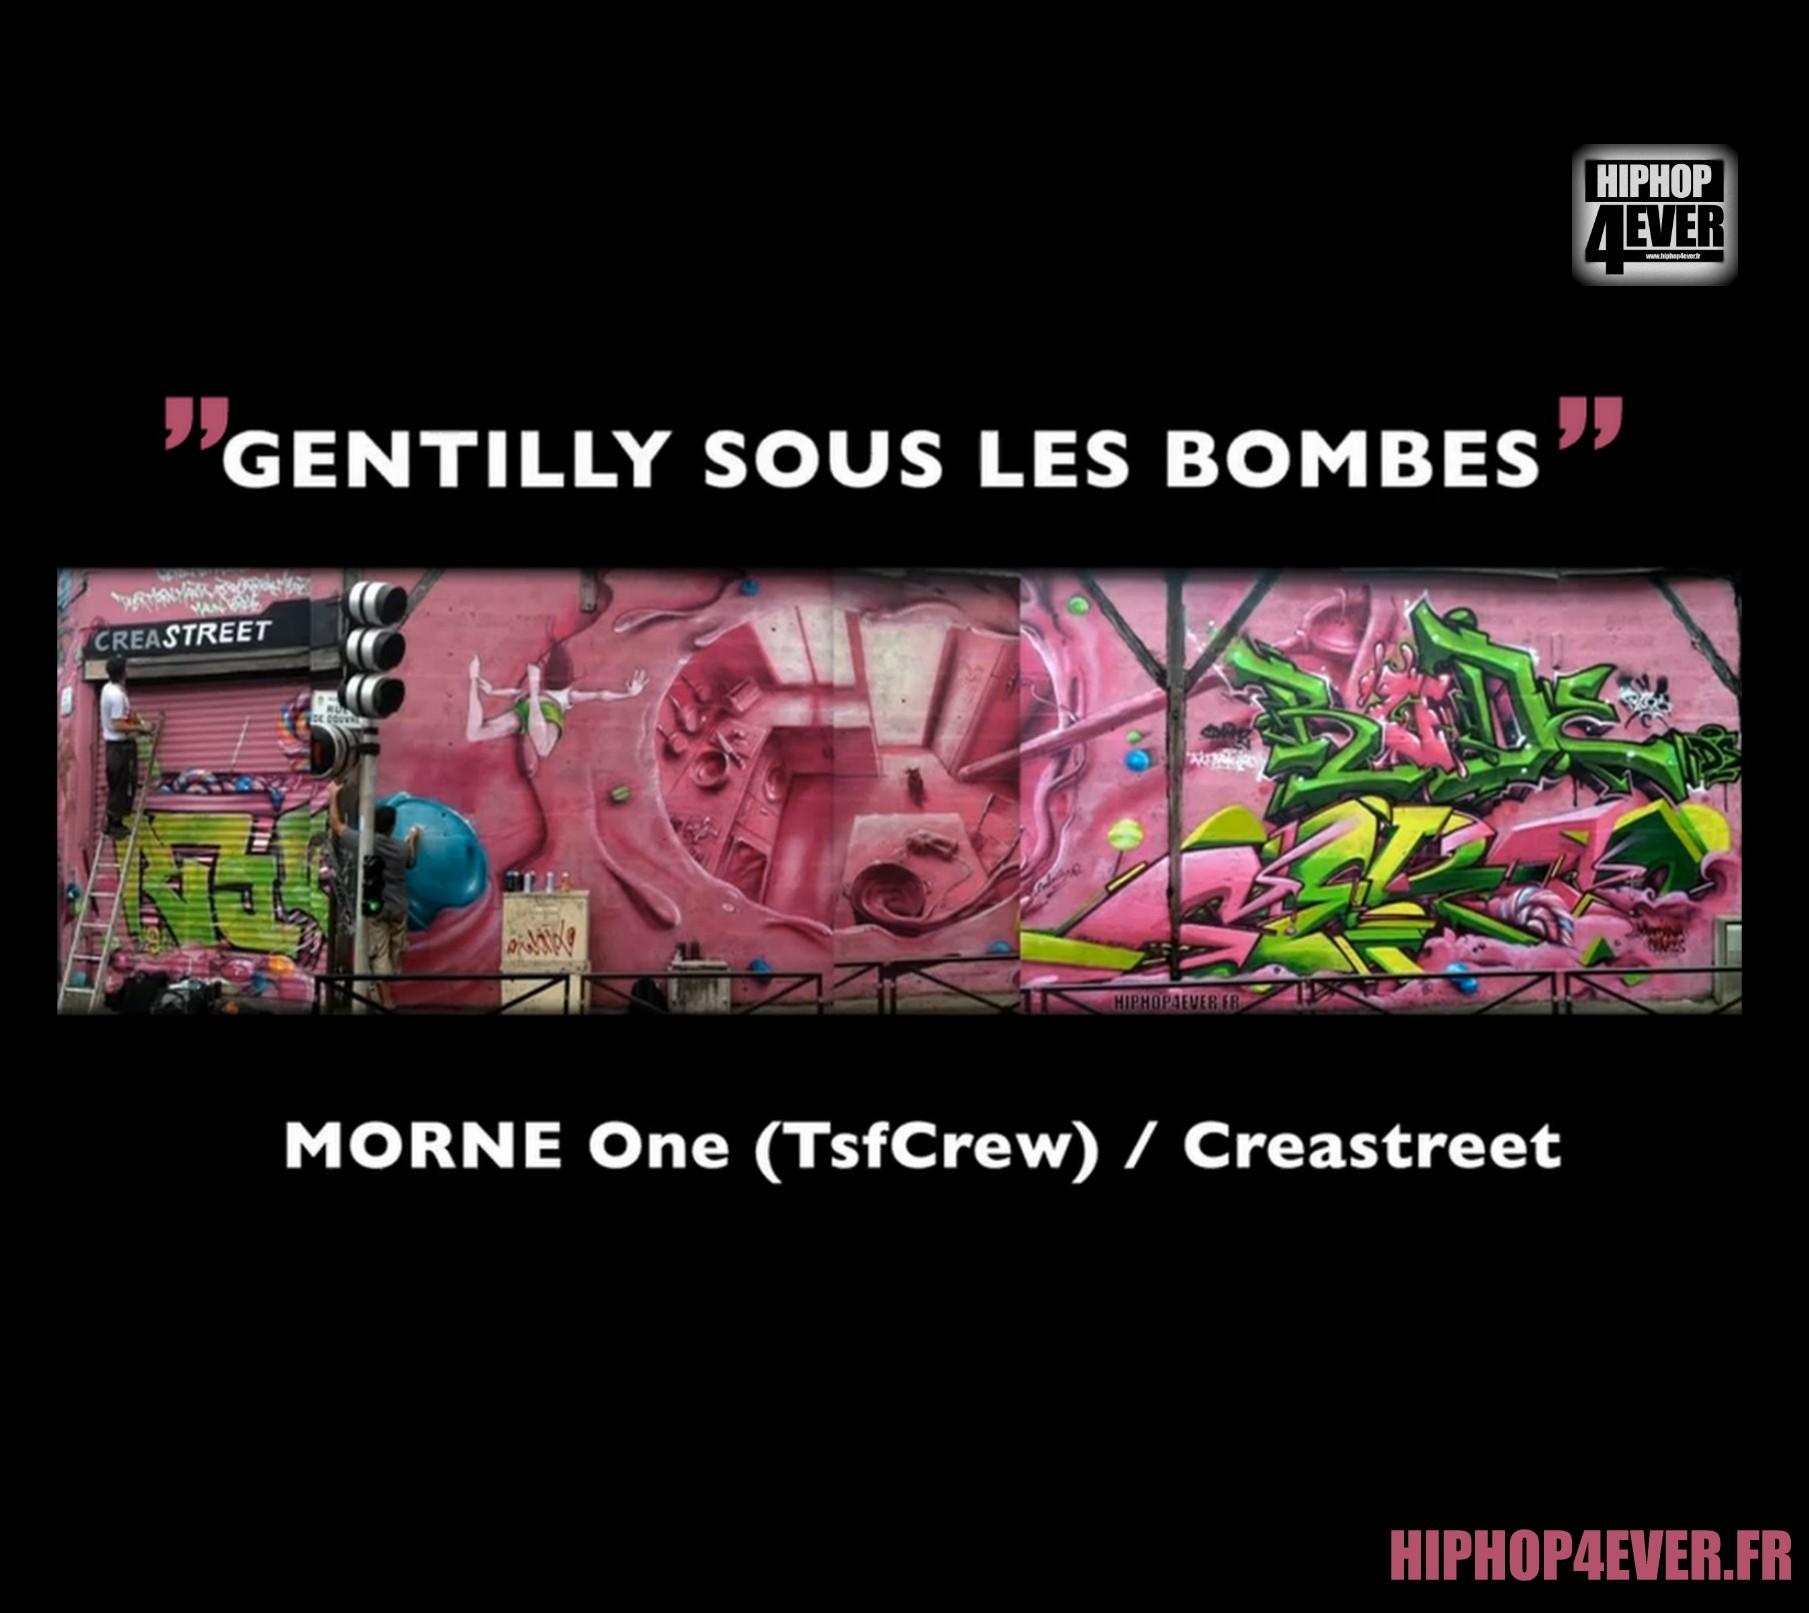 GENTILLY BOMB OK